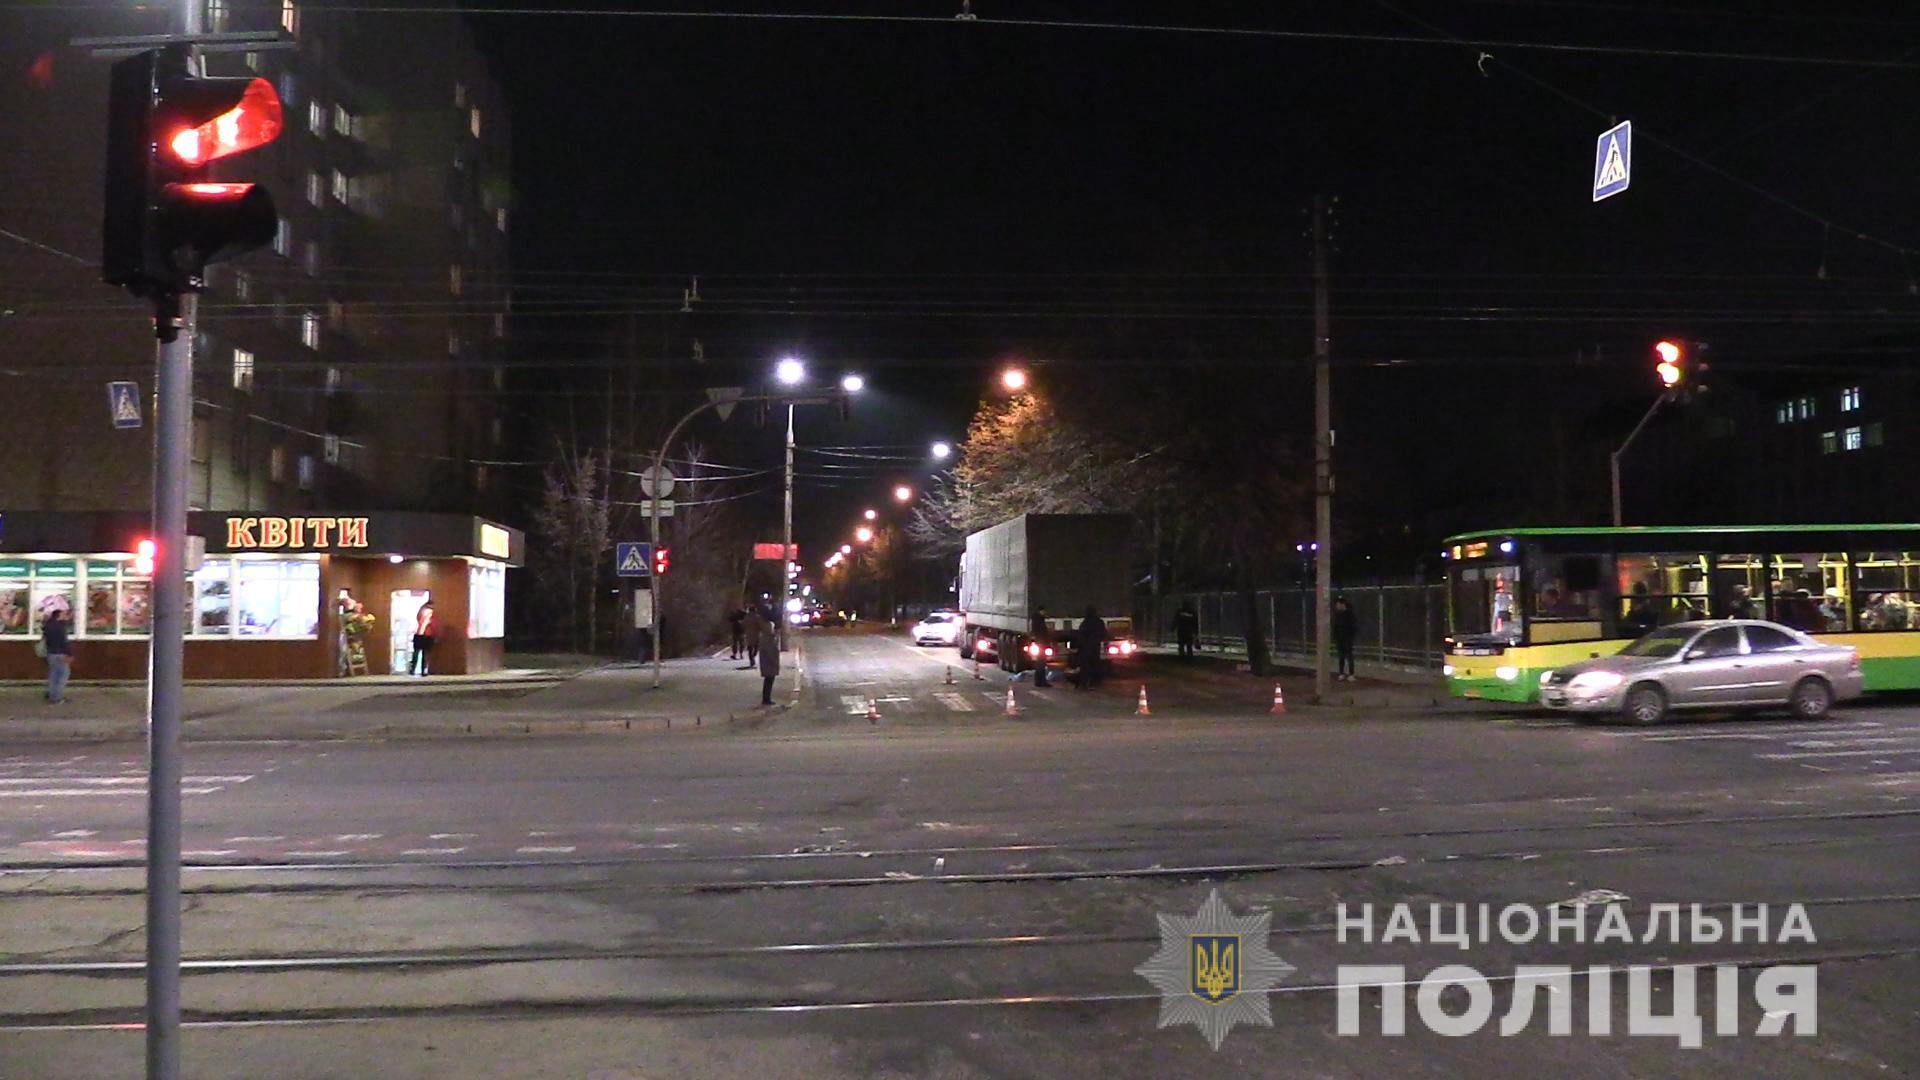 ДТП у Вінниці: пенсіонерка загинула під колесами вантажівки (Фото+Відео)